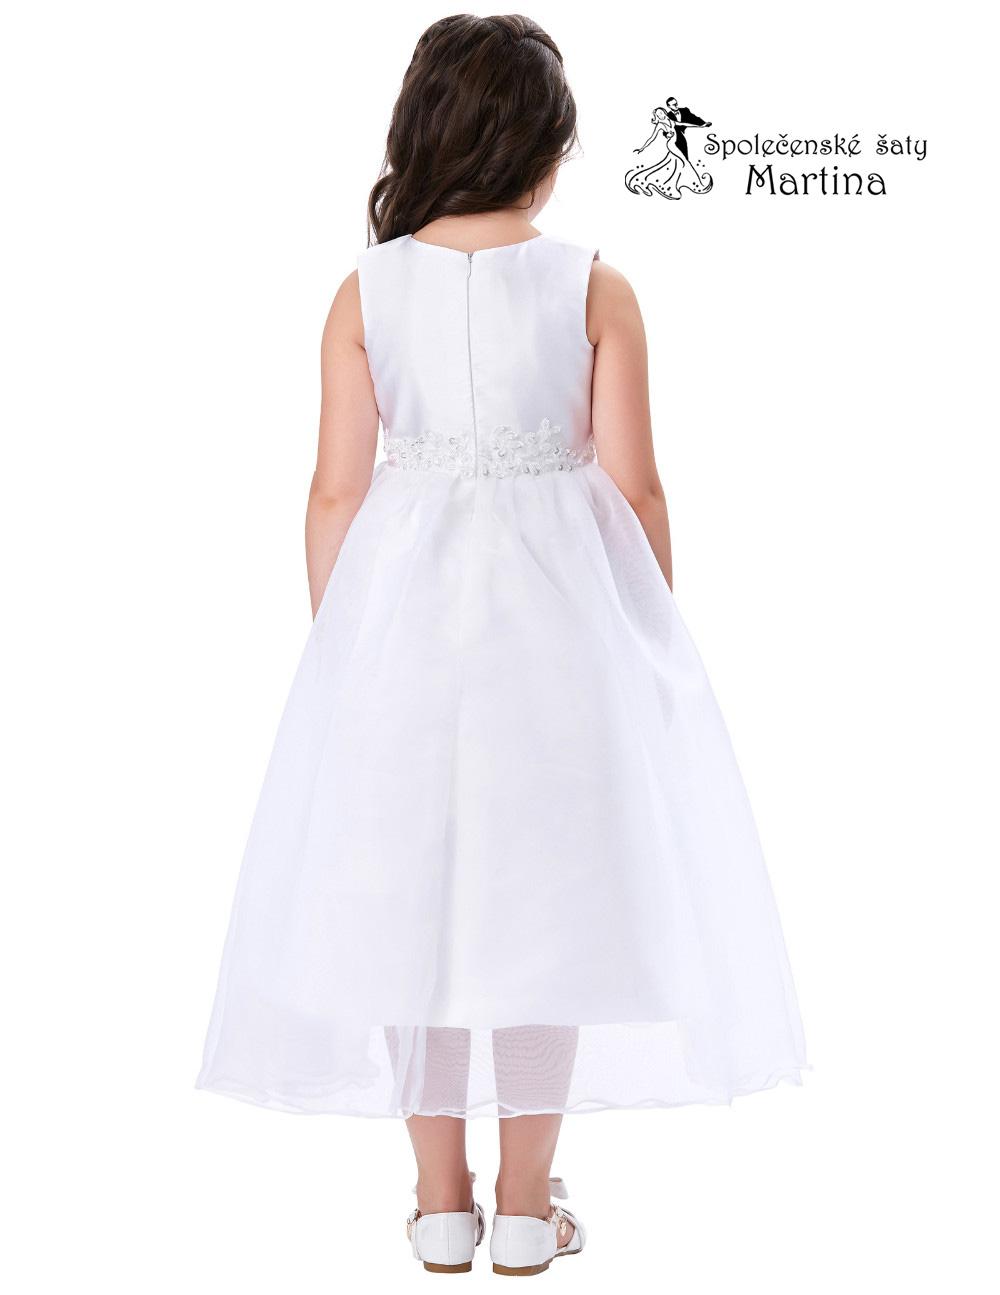 Společenské šaty pro družičku